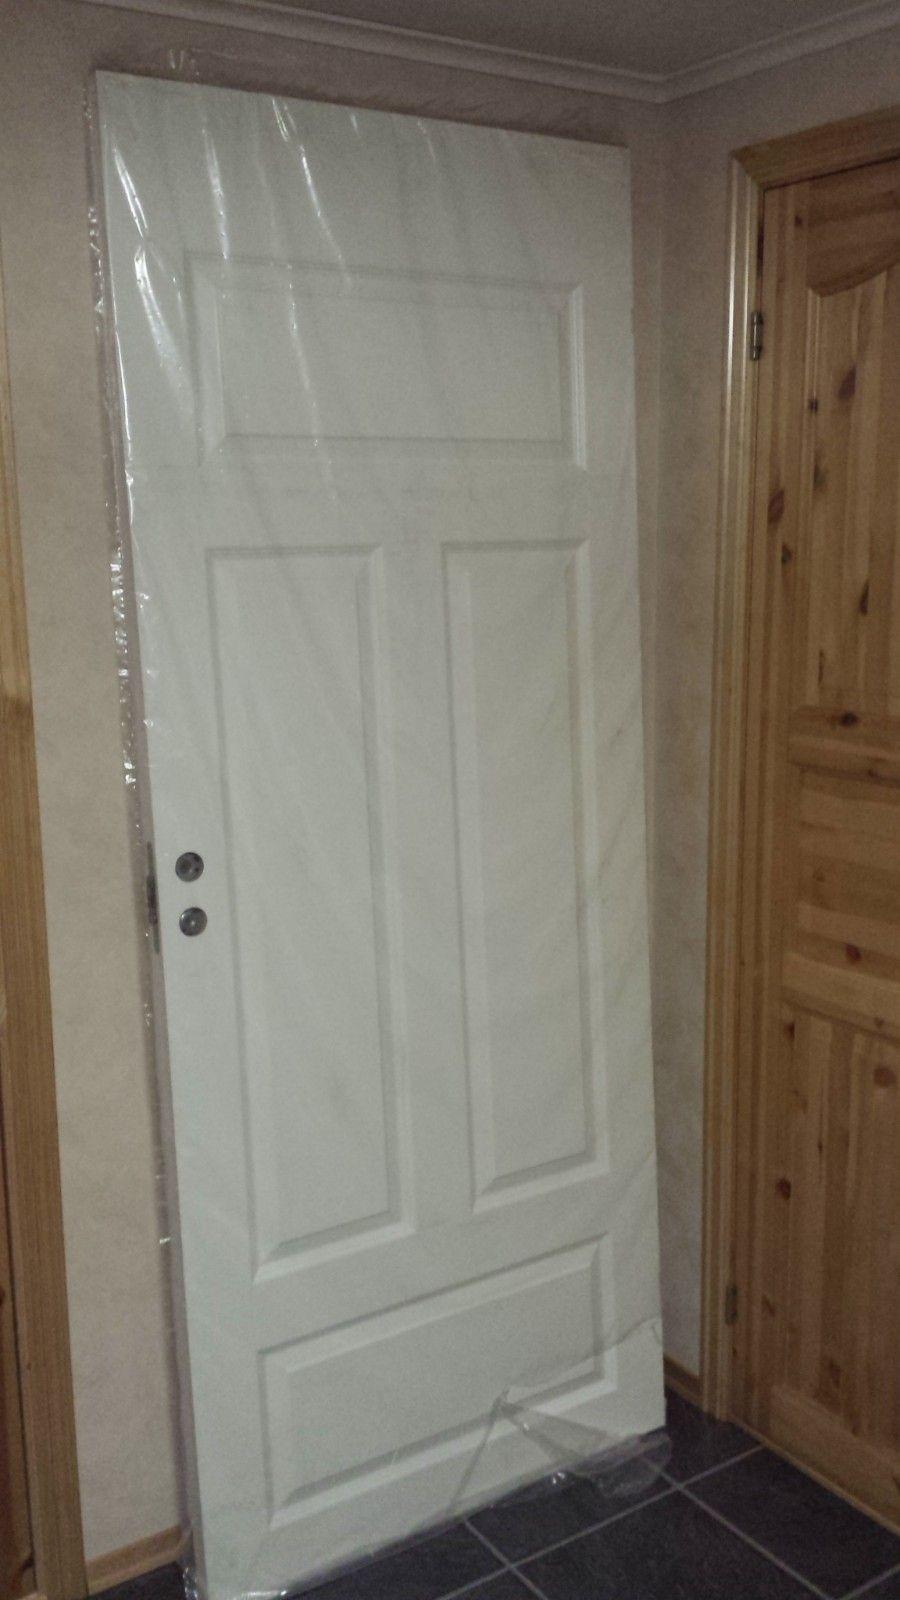 Dørblad 90x210 - Elverum  - Nytt dørblad 825 x 2040mm fra Swedoor (90x210) - Elverum